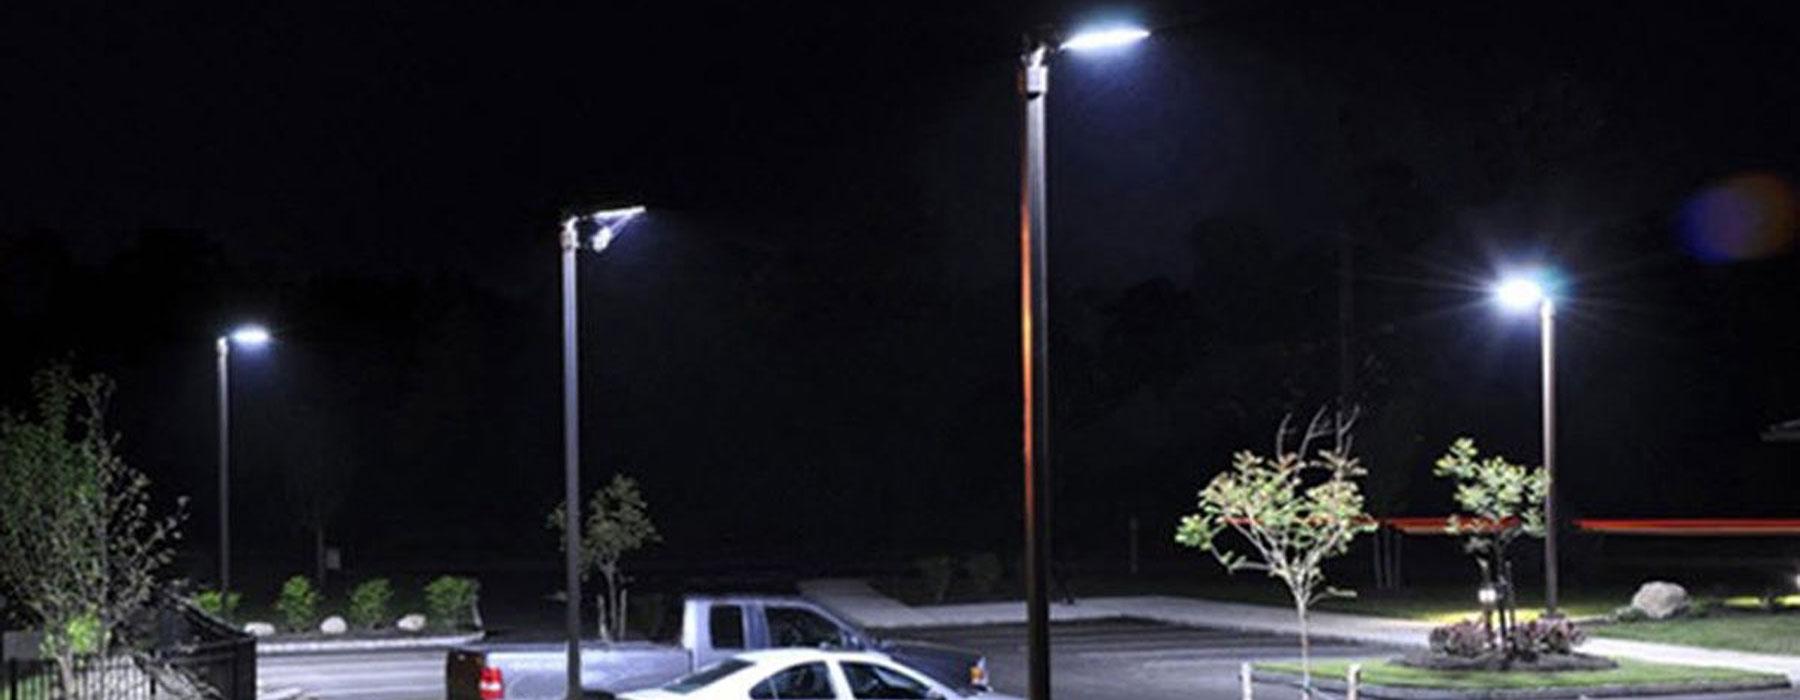 Parking-Lights-Catalog-BKG